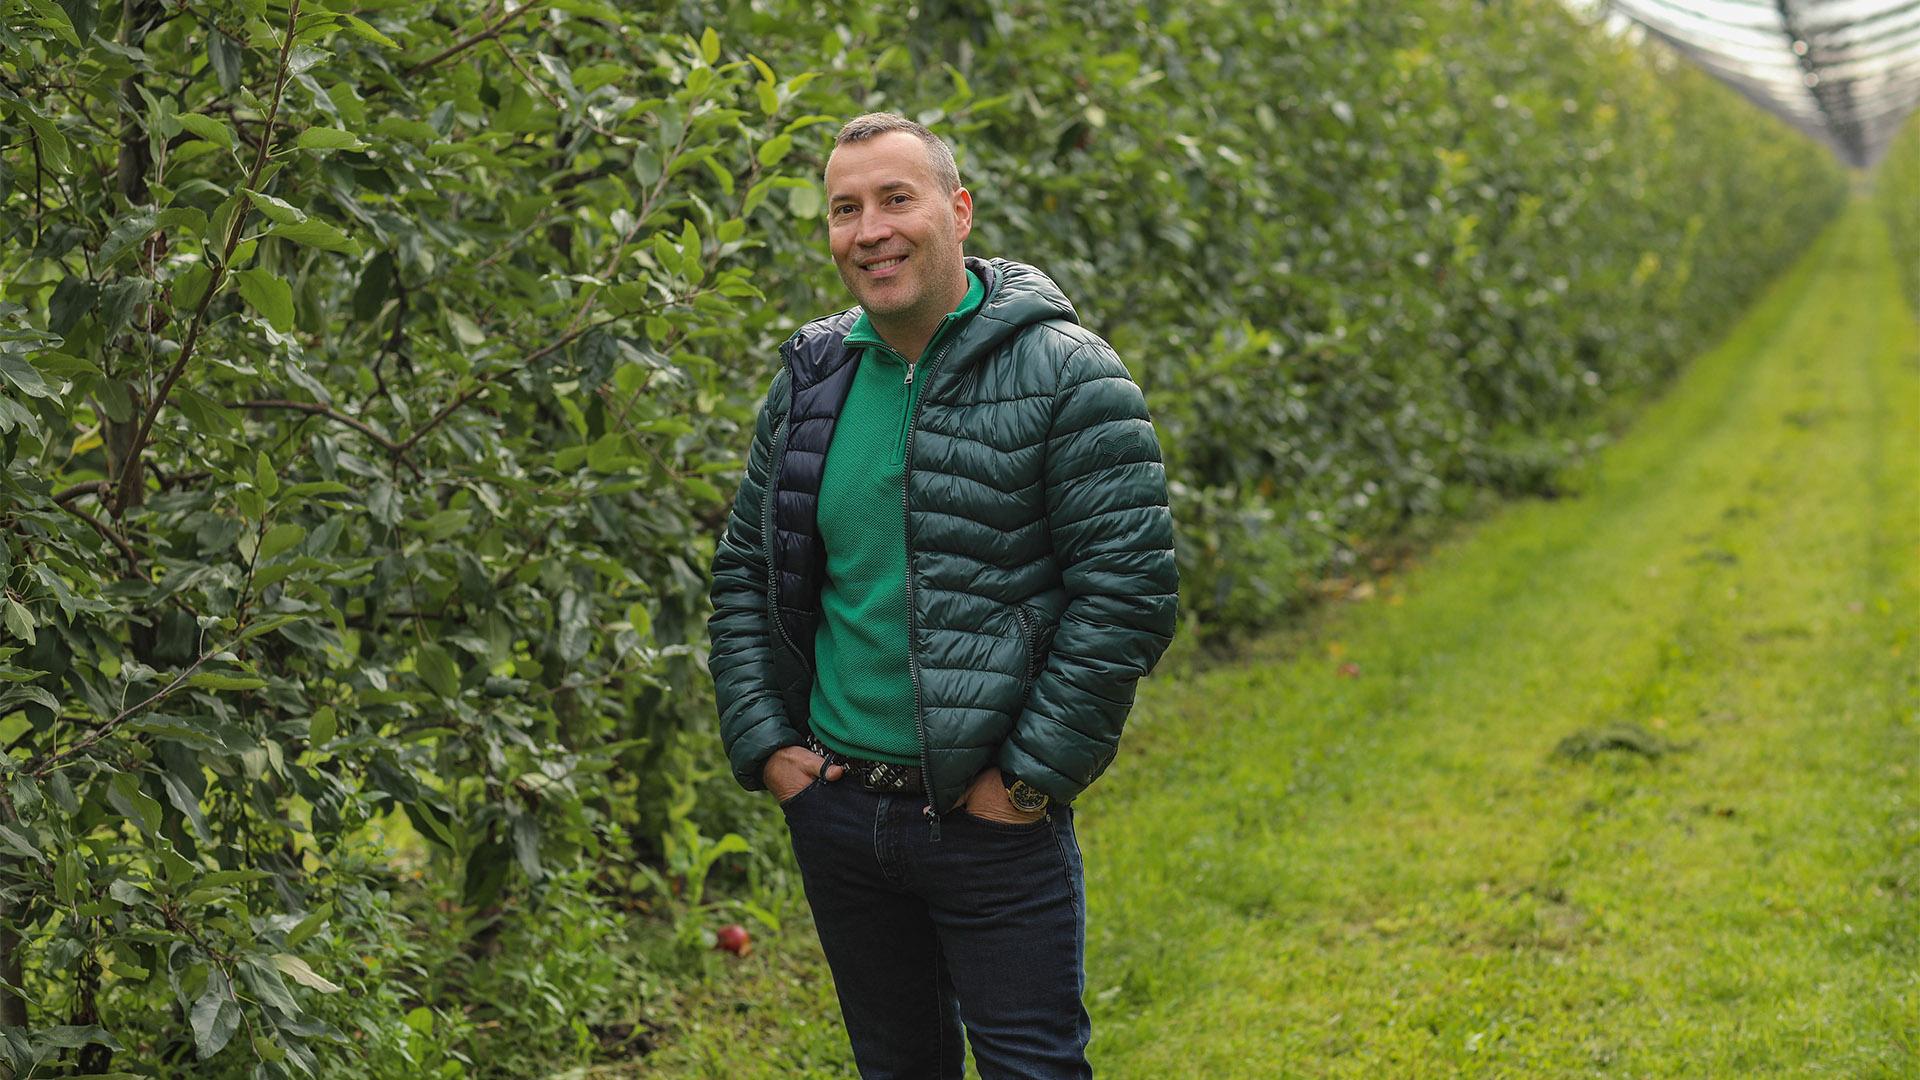 galántai szabolcs házasodna a gazda növényvédelem öntözési metódus rtl klub speciális fagyvédő rendszer szurovecz kitti tápanyagellátás televíziós műsorok